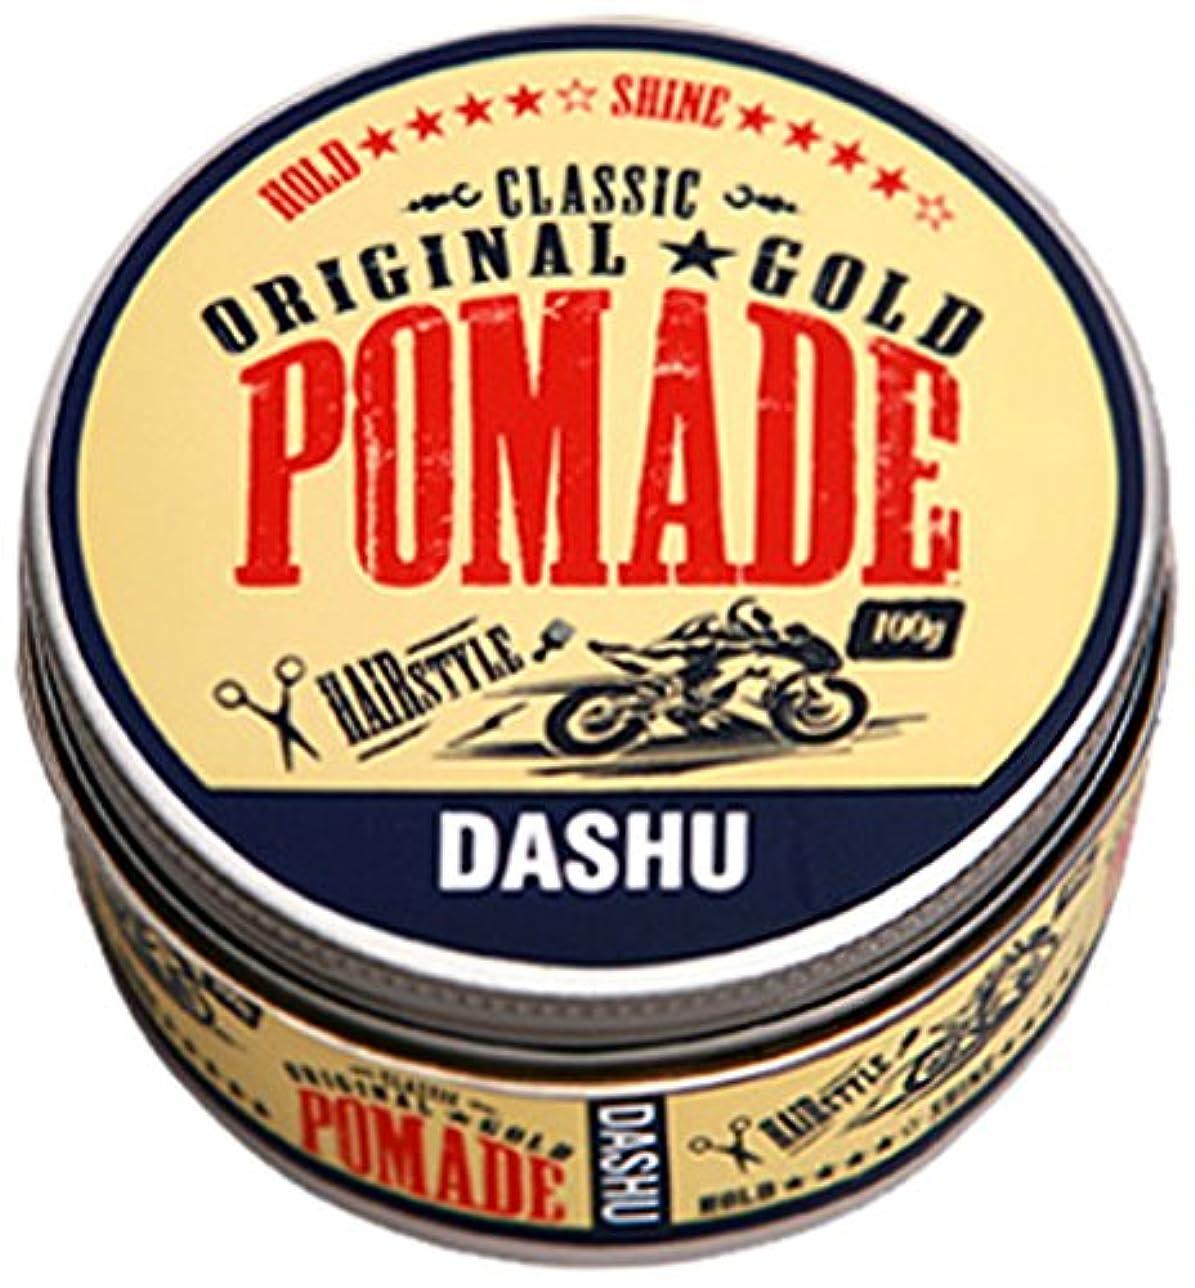 プレミア鷹嘆願[DASHU] ダシュ クラシックオリジナルゴールドポマードヘアワックス Classic Original Gold Pomade Hair Wax 100ml / 韓国製 . 韓国直送品